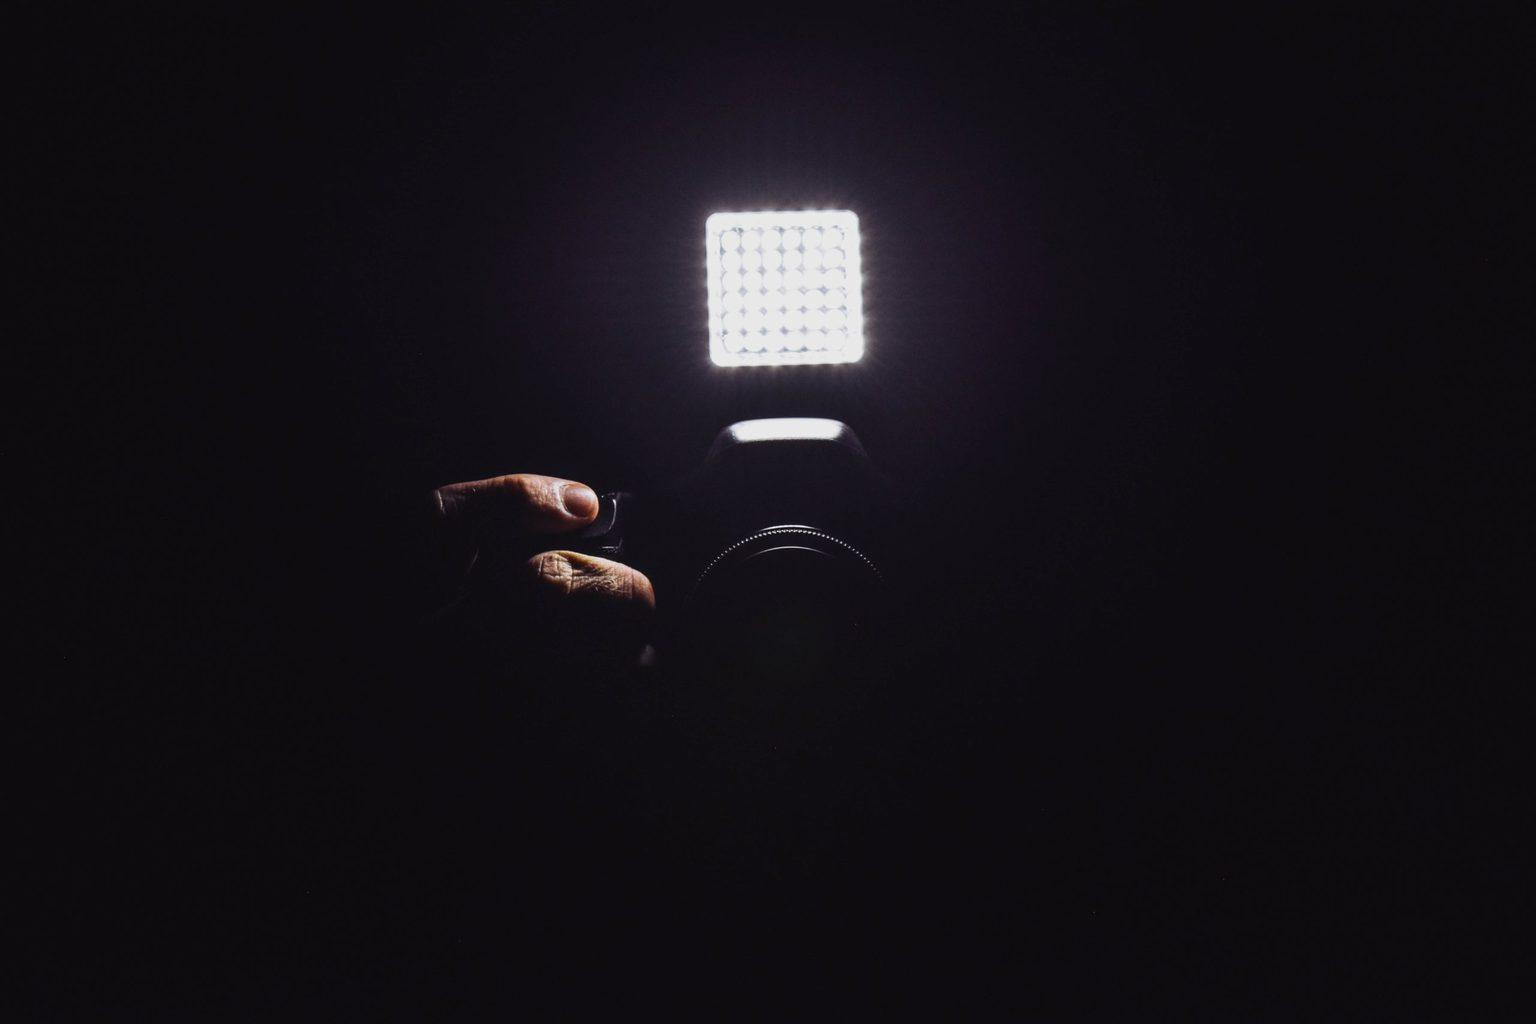 luz LED sobre cámara